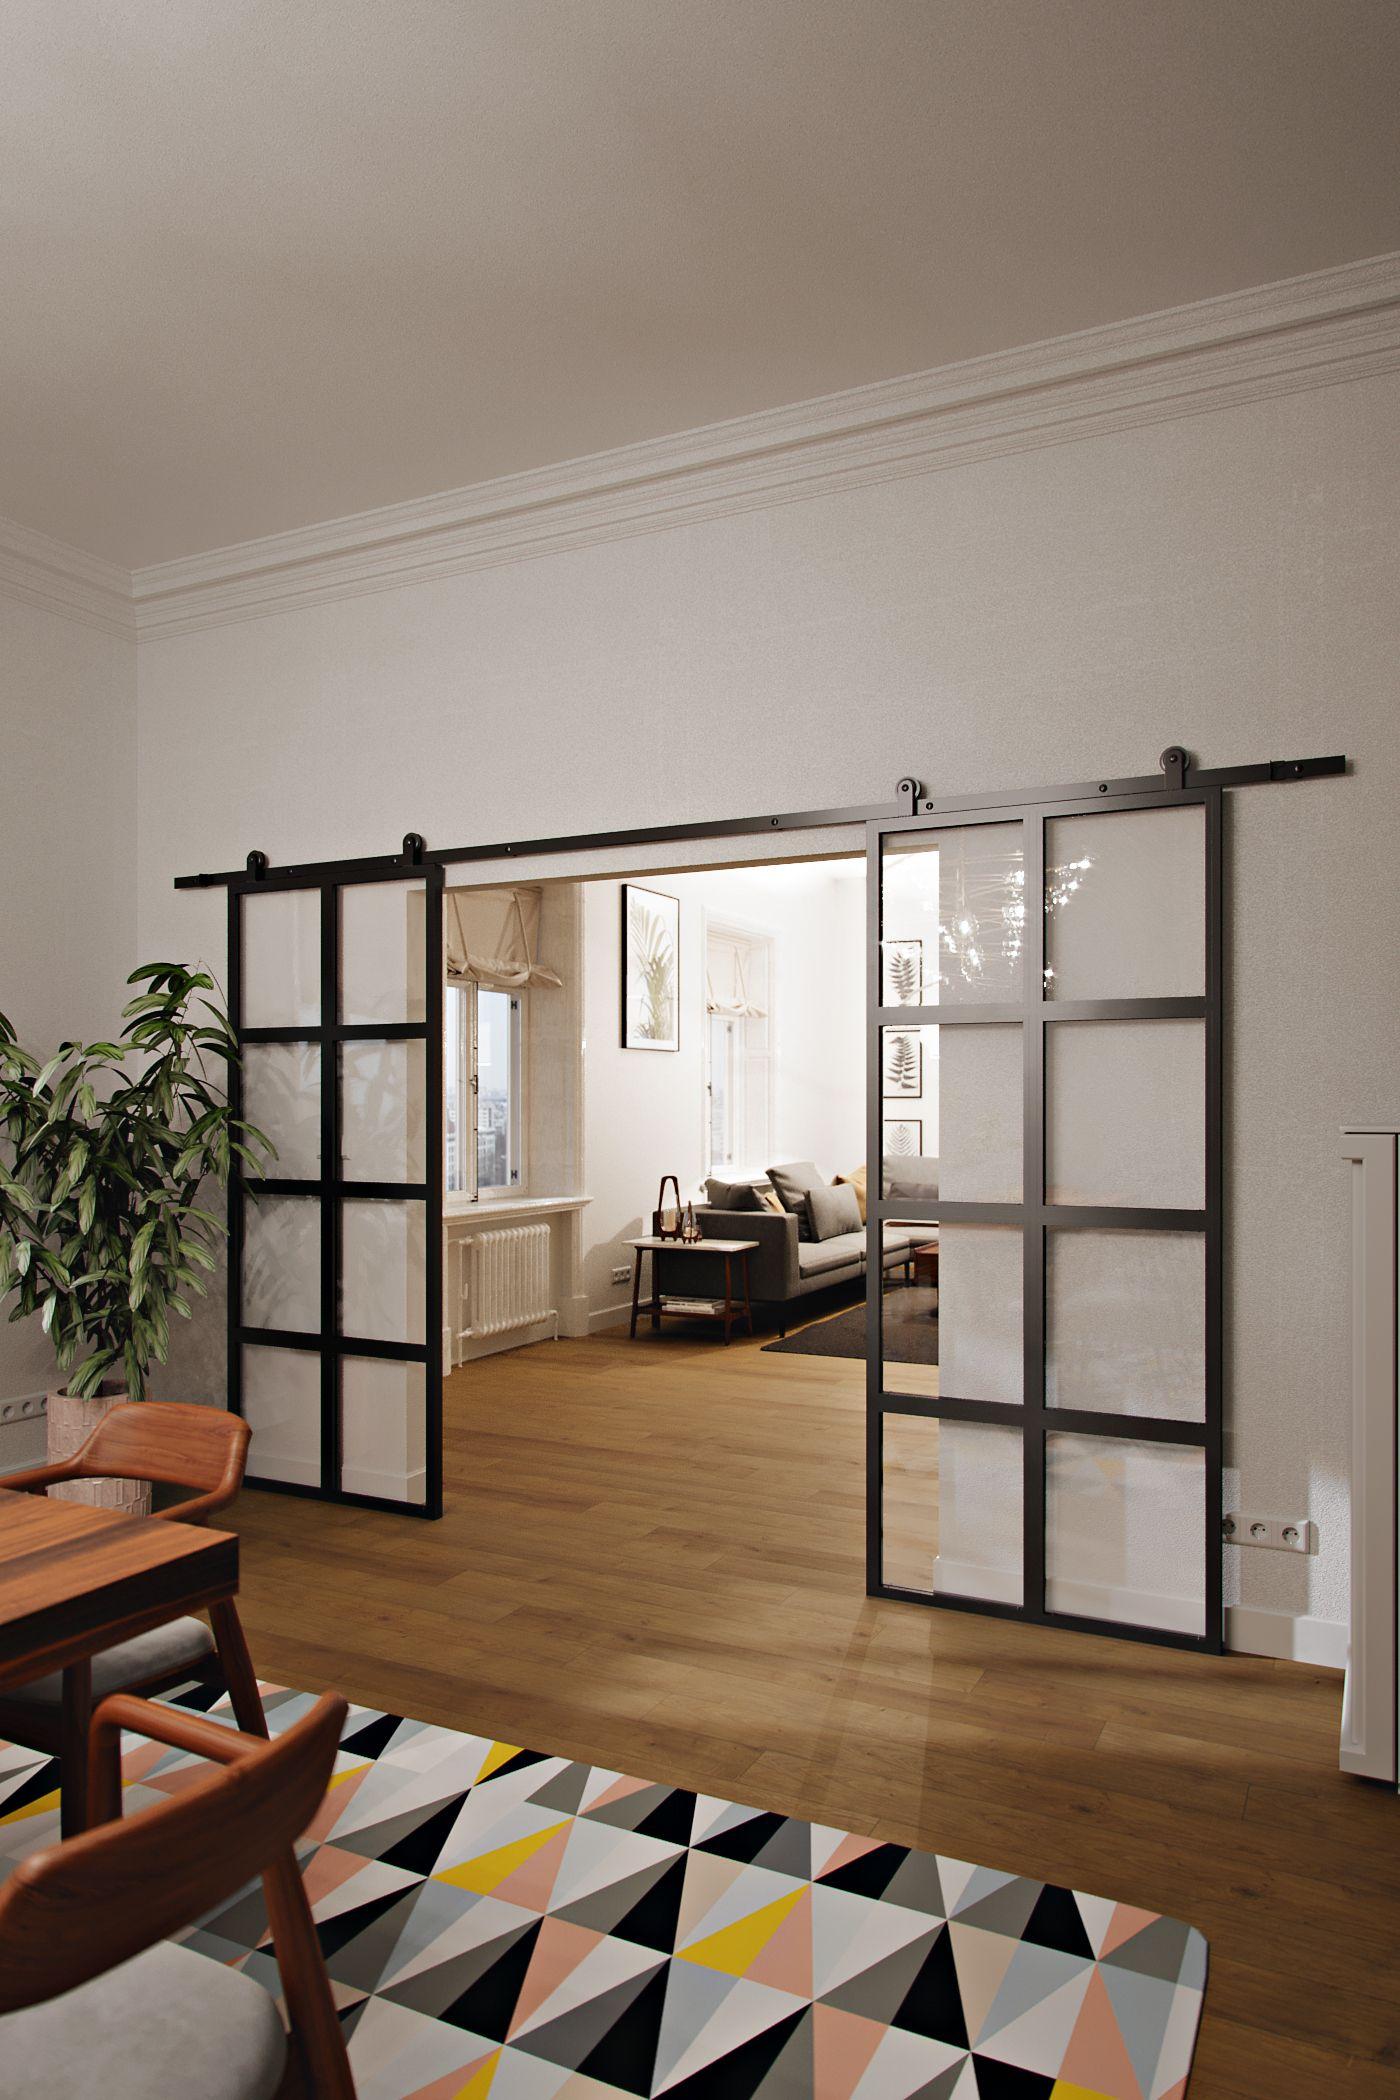 Moderne Schiebeturen Mit Glas Gefullt Schone Offene Kuche Mit Esszimmer Kombiniert Moderne Schiebeturen Offene Wohnung Kleine Wohnzimmerideen